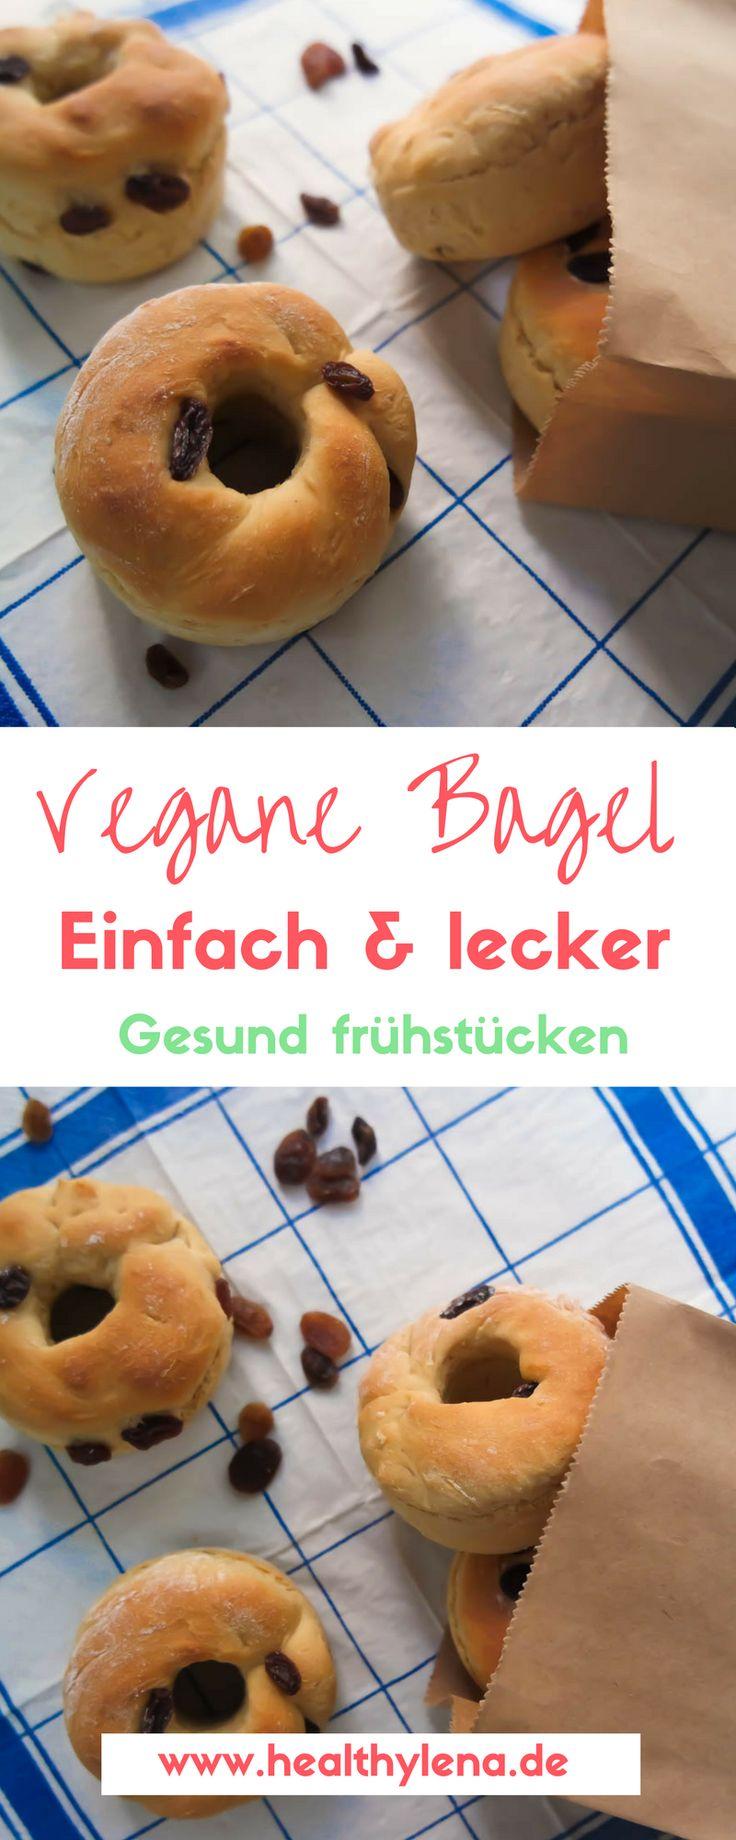 Vegane Bagel mit oder ohne Rosinen - gesund und lecker frühstücken leicht gemacht. Hier geht's zum Rezept für das vegane Frühstück oder den Snack zwischendurch. #backen #lecker #leicht #fettarm #gesund #healthylena #lowfat #sonntag #vegan #ohnesoja #rezepte #brötchen http://www.healthylena.de/rezepte/vegane-bagel-mit-oder-ohne-rosinen-gesund-fruehstuecken/